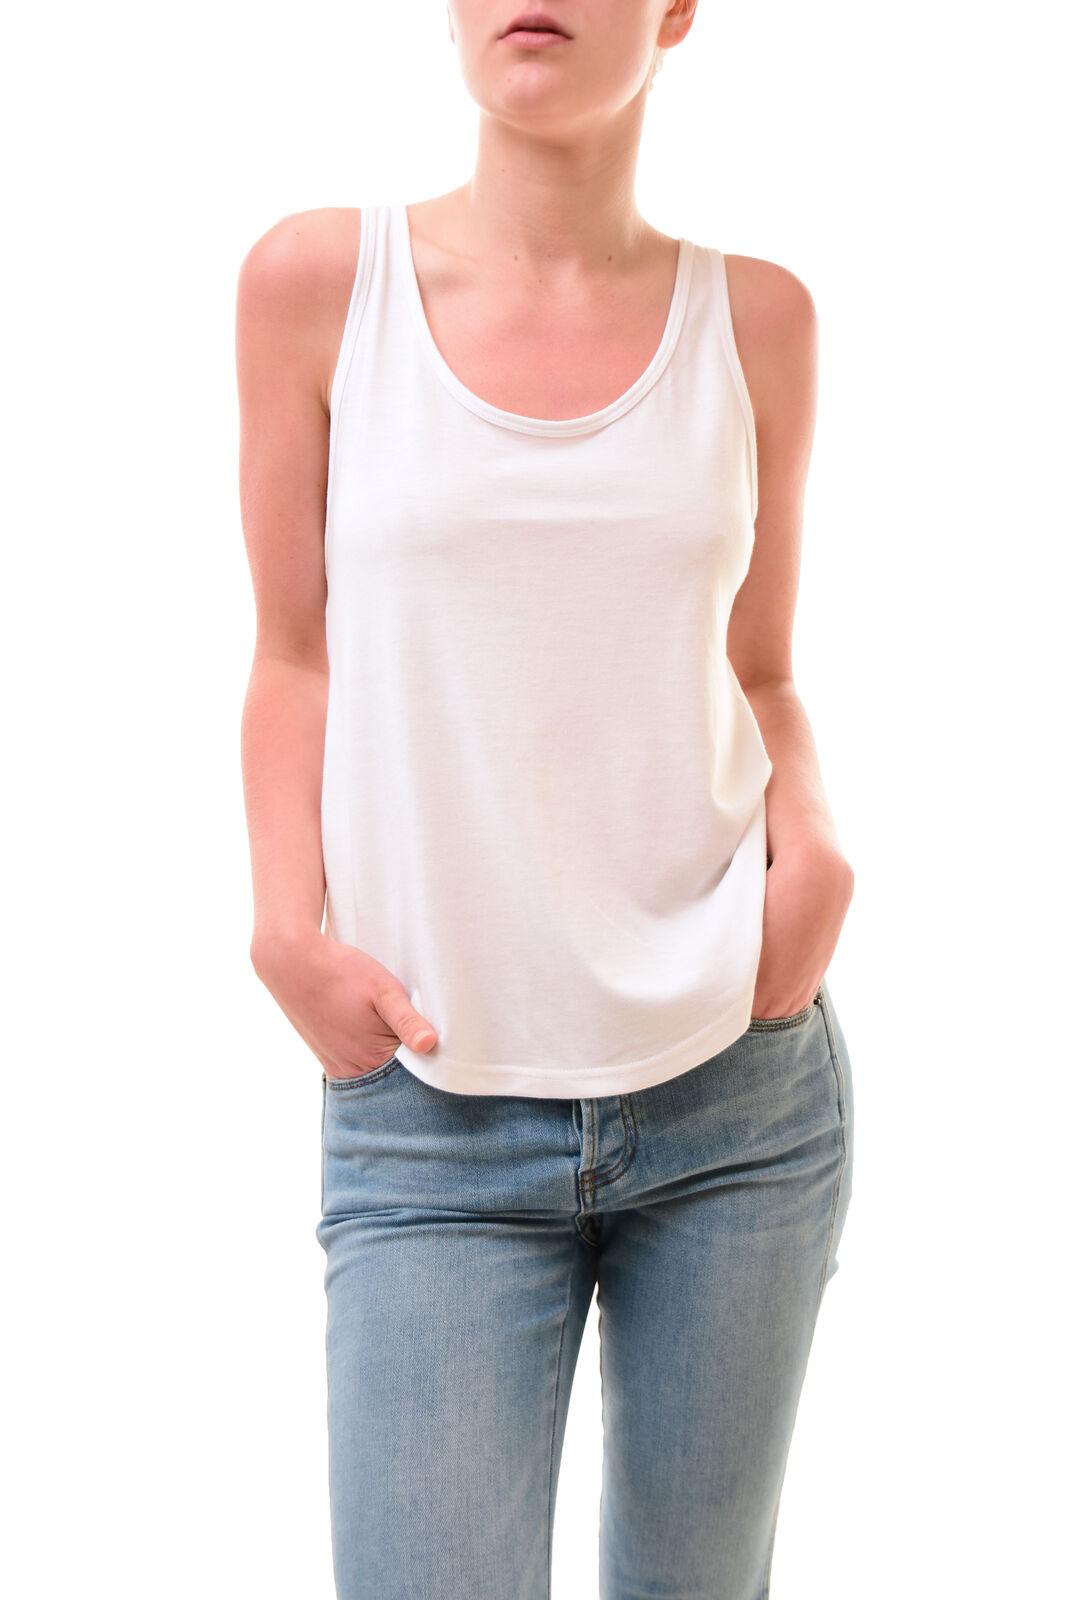 Free People Damen Authentic Abgerundete Saum Top Weiß Größe Größe Größe XS  58 BCF77 | Elegante Form  | Hohe Qualität und Wirtschaftlichkeit  | Modern Und Elegant  | Up-to-date Styling  | Helle Farben  654443